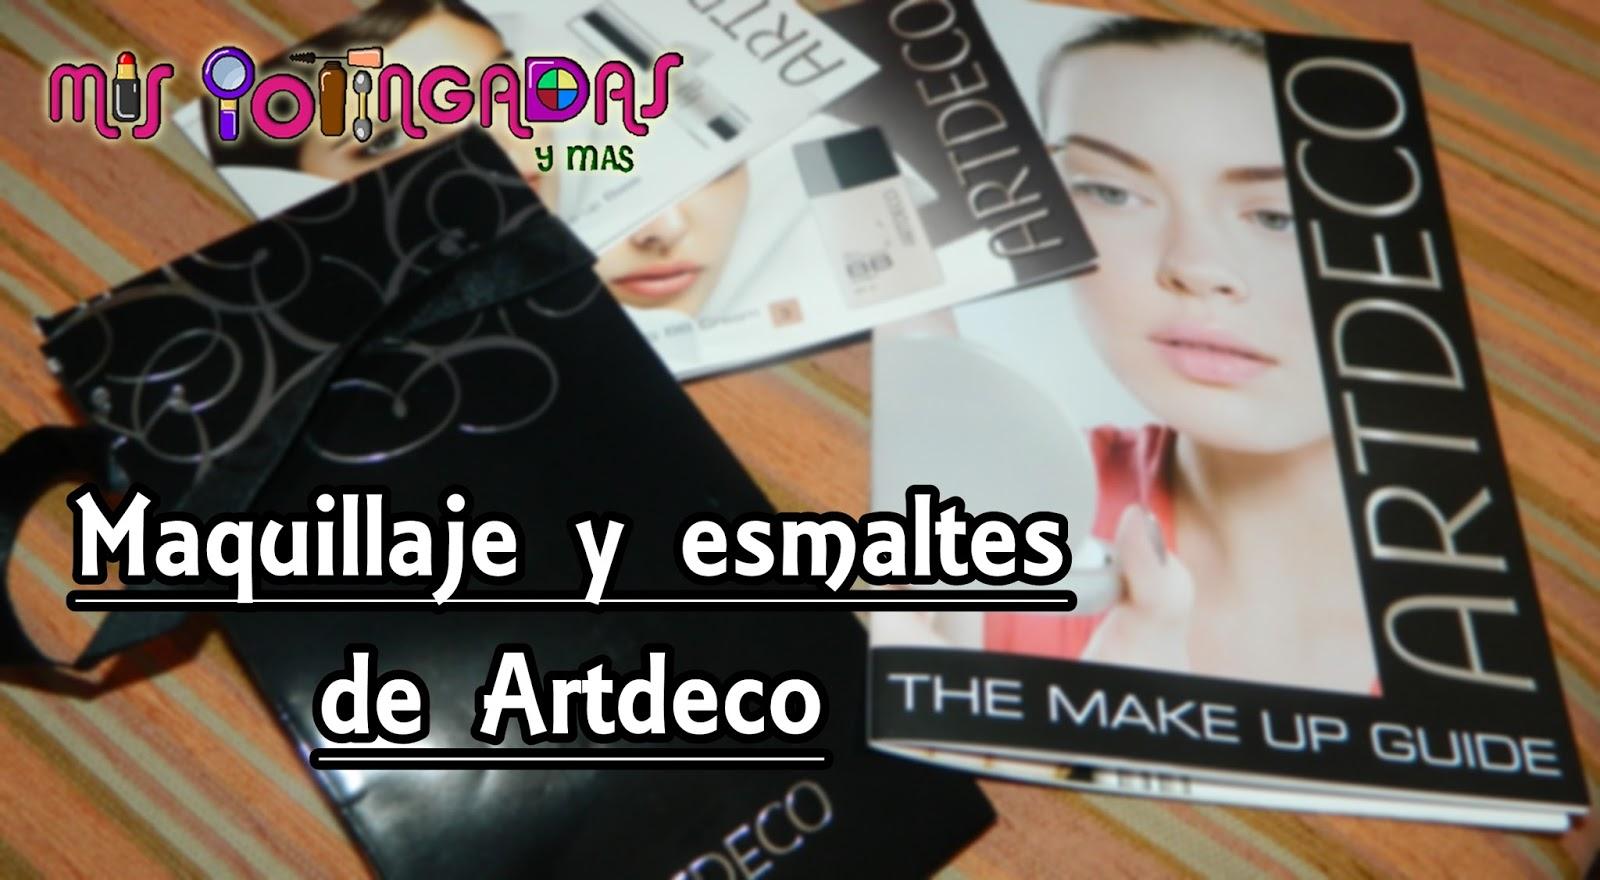 Review - Maquillaje y esmaltes Artdeco - Colaboración